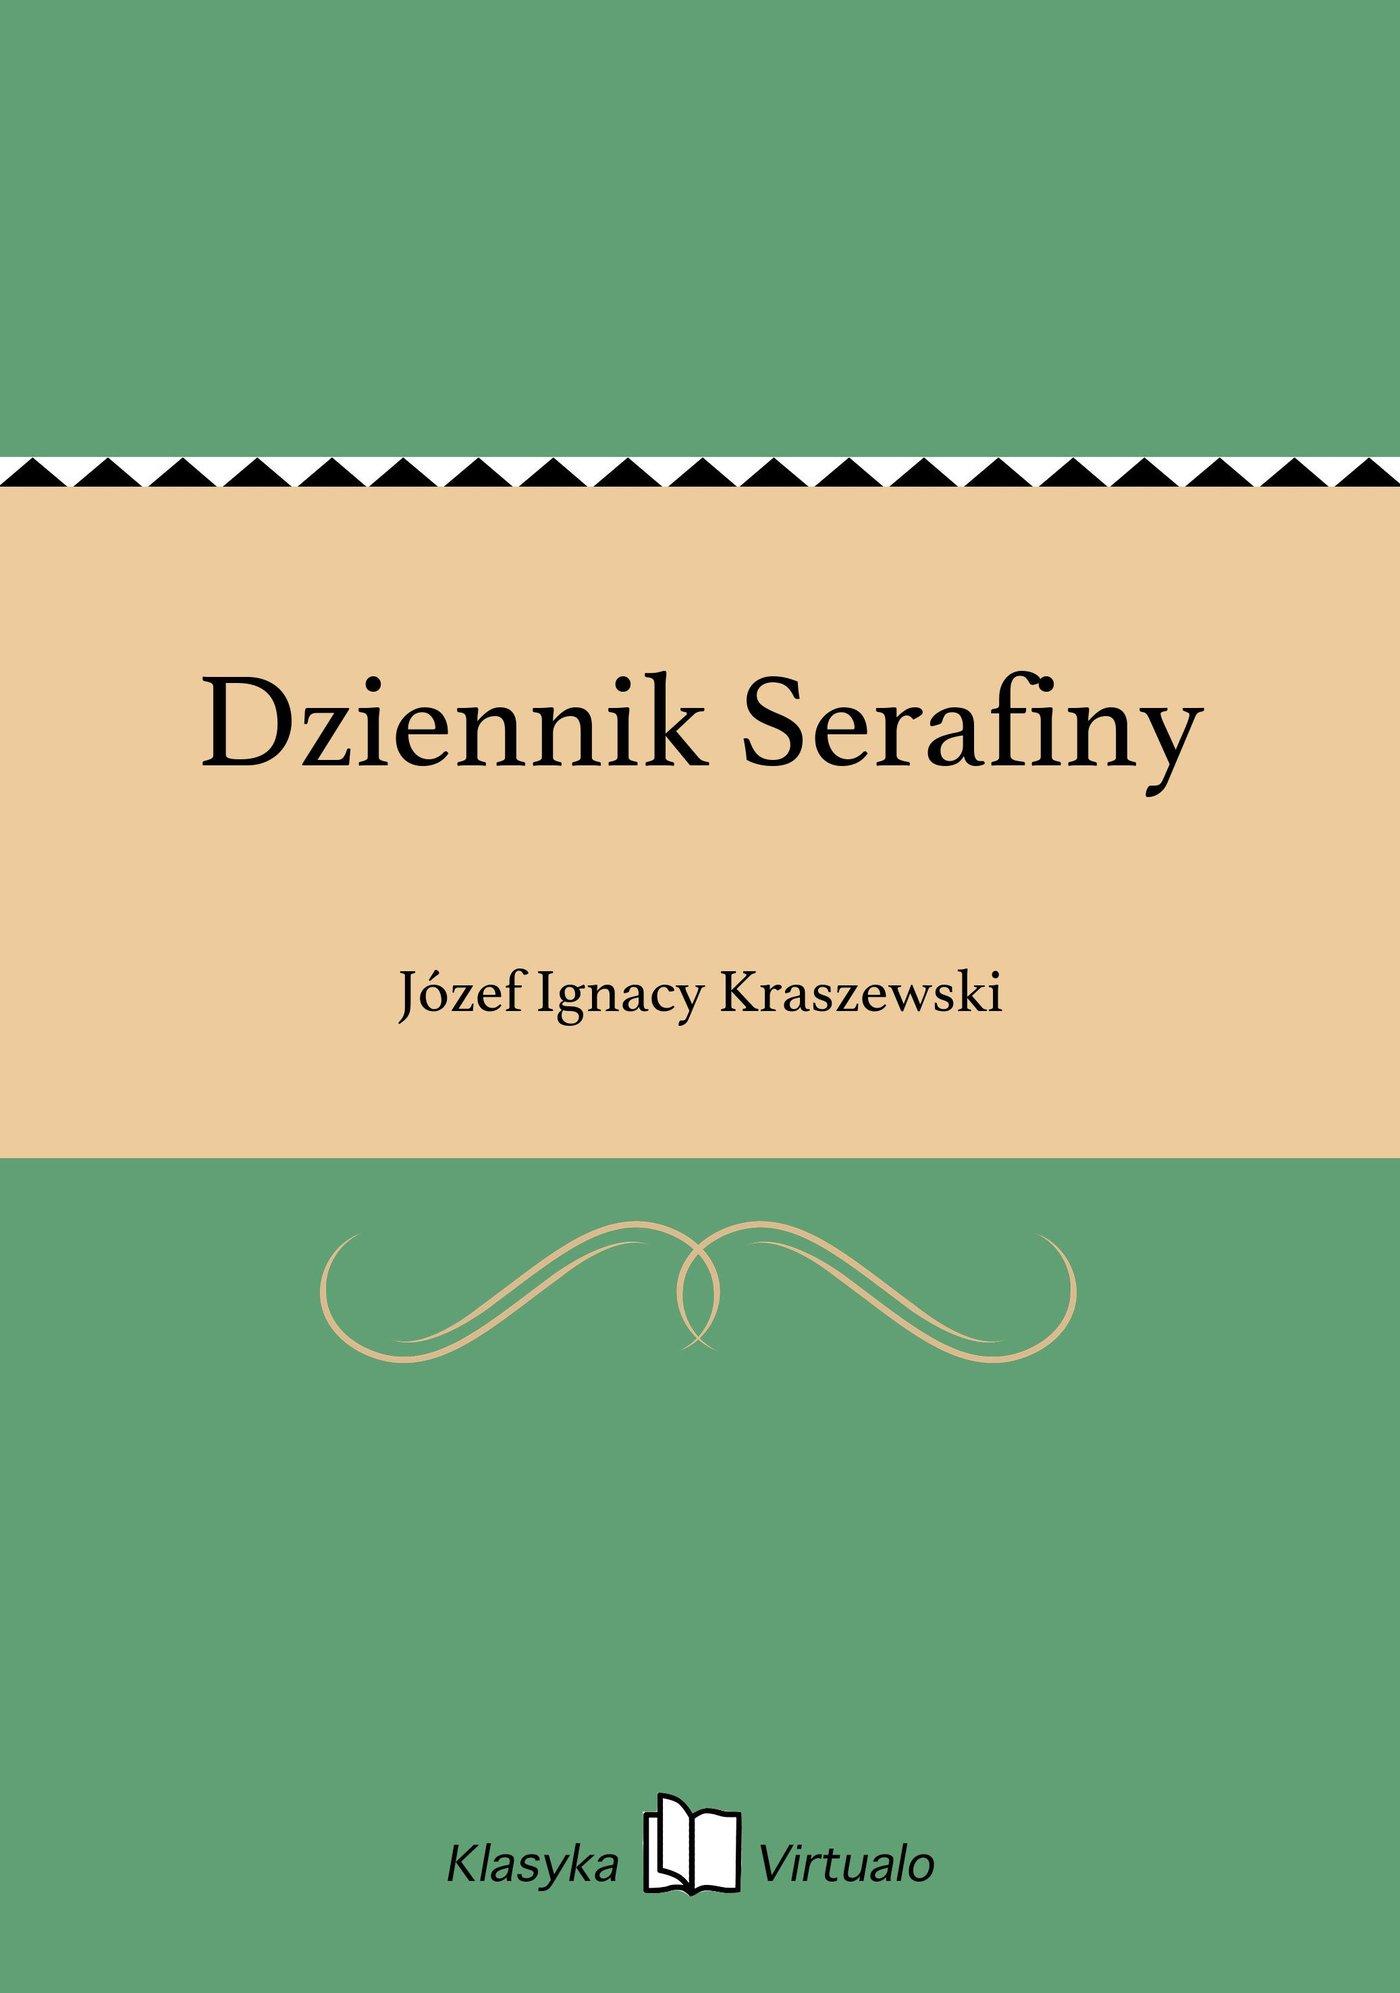 Dziennik Serafiny - Ebook (Książka EPUB) do pobrania w formacie EPUB